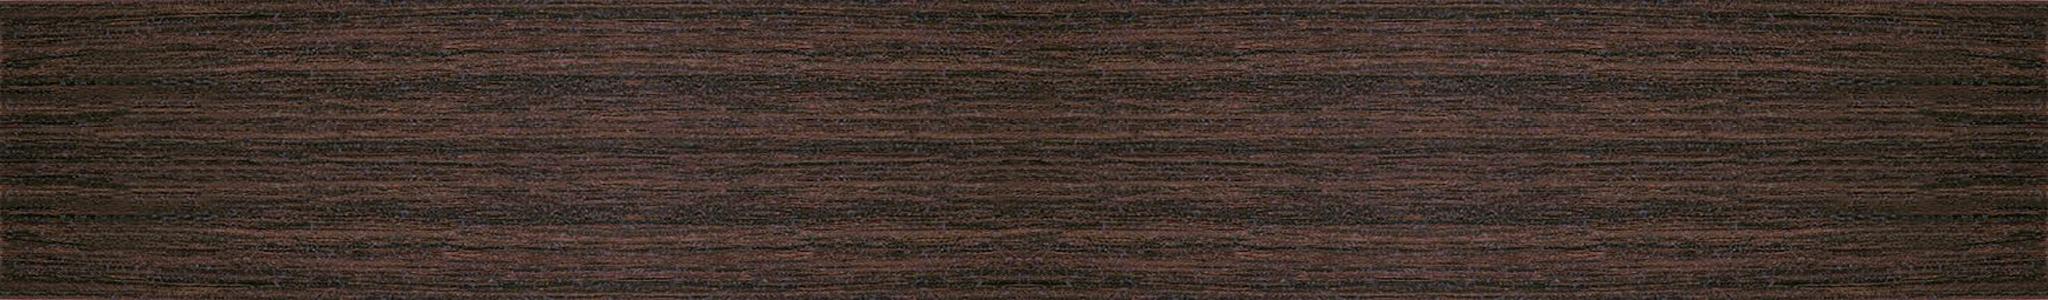 HD 294342 ABS Kante Dekor Teak Makalo Pore